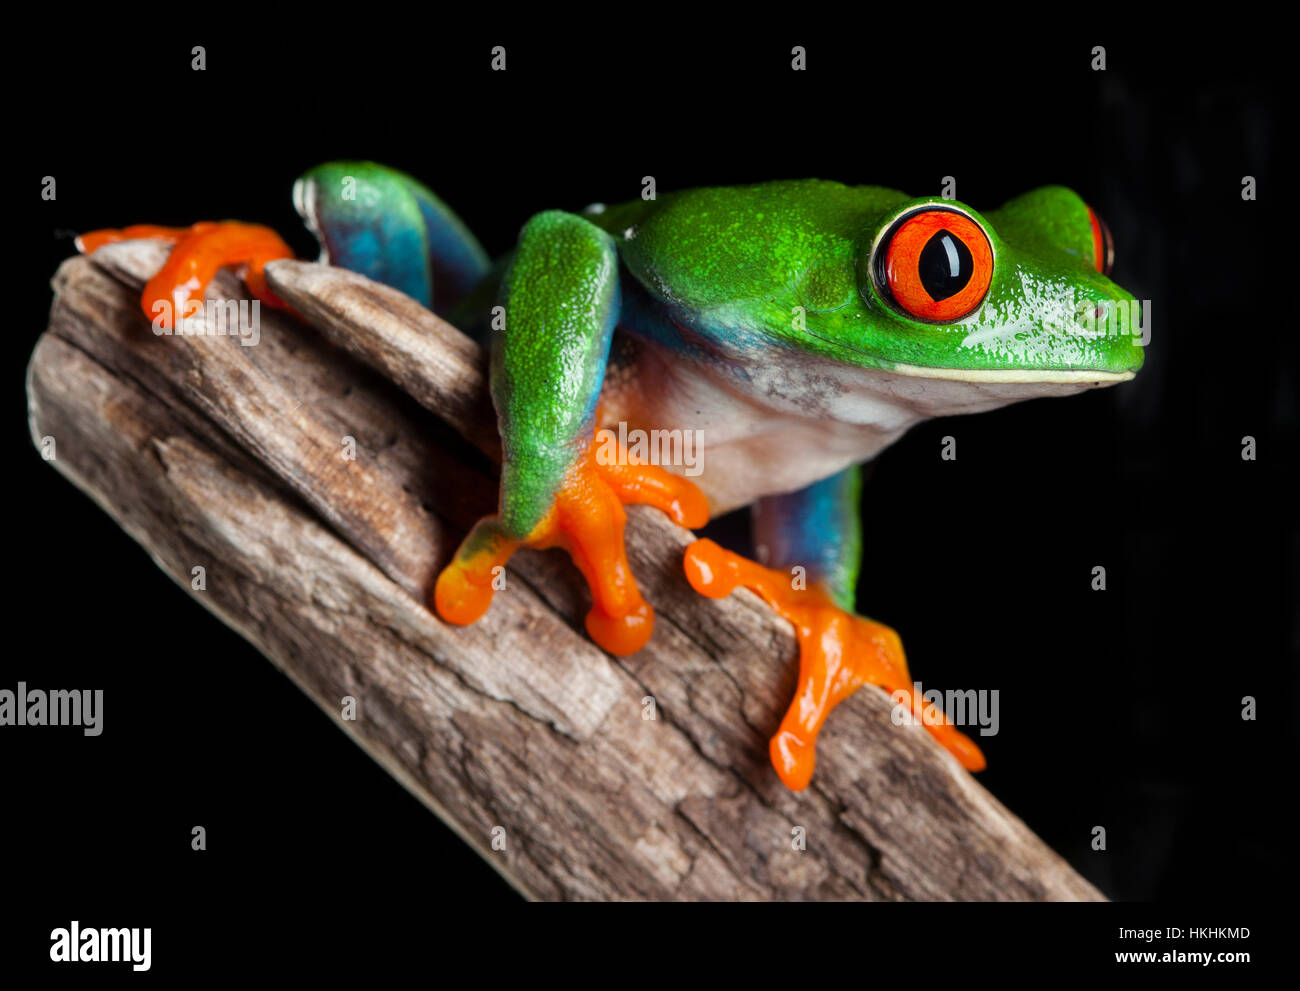 Red Eye Frosch im Studio mit dunklem Hintergrund Stockbild